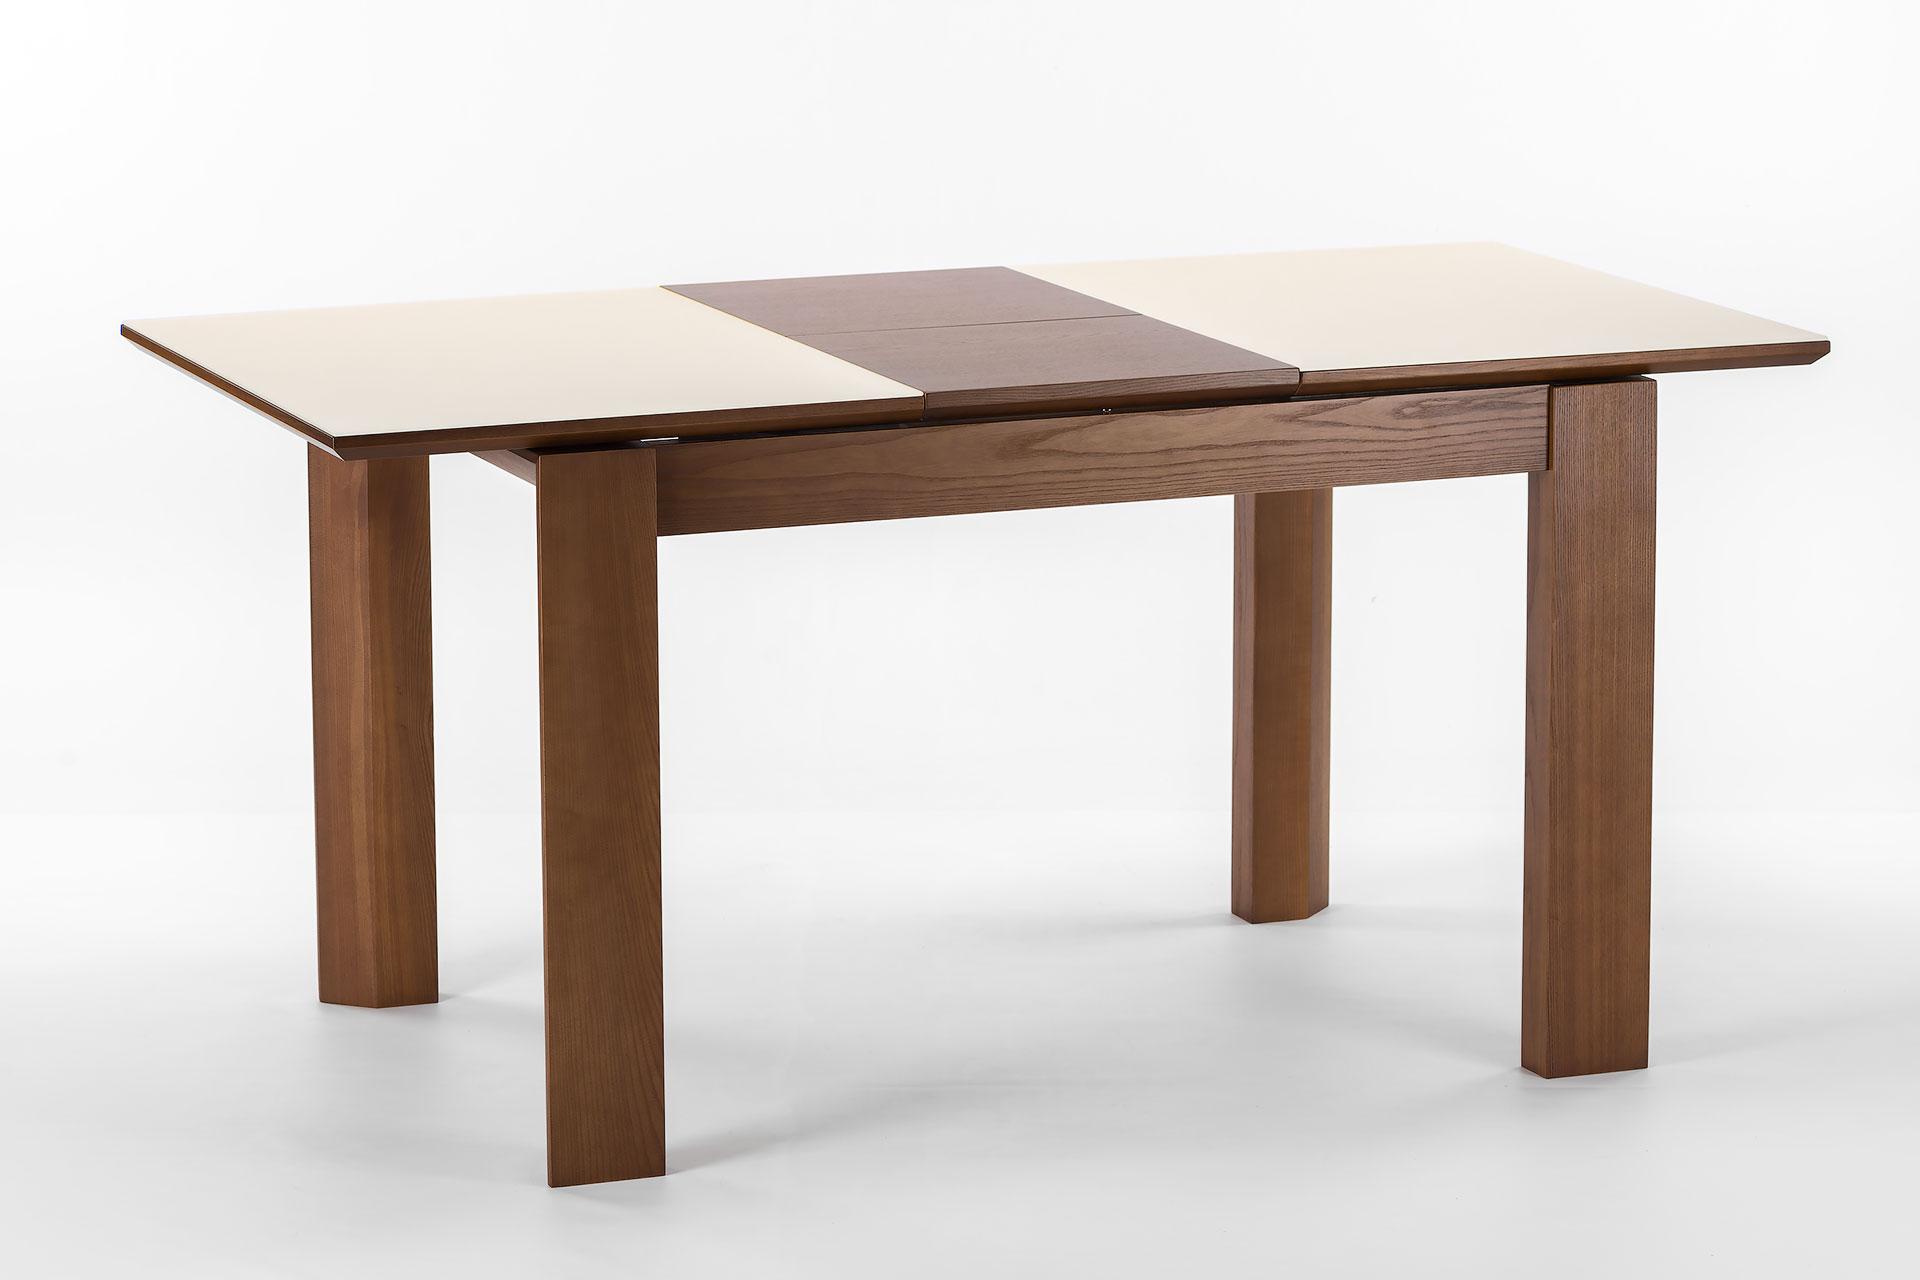 """Раскладной кухонный стол """"Милан-люкс"""", цвет SE7031, столешница с матовым стеклом. Разложенный"""